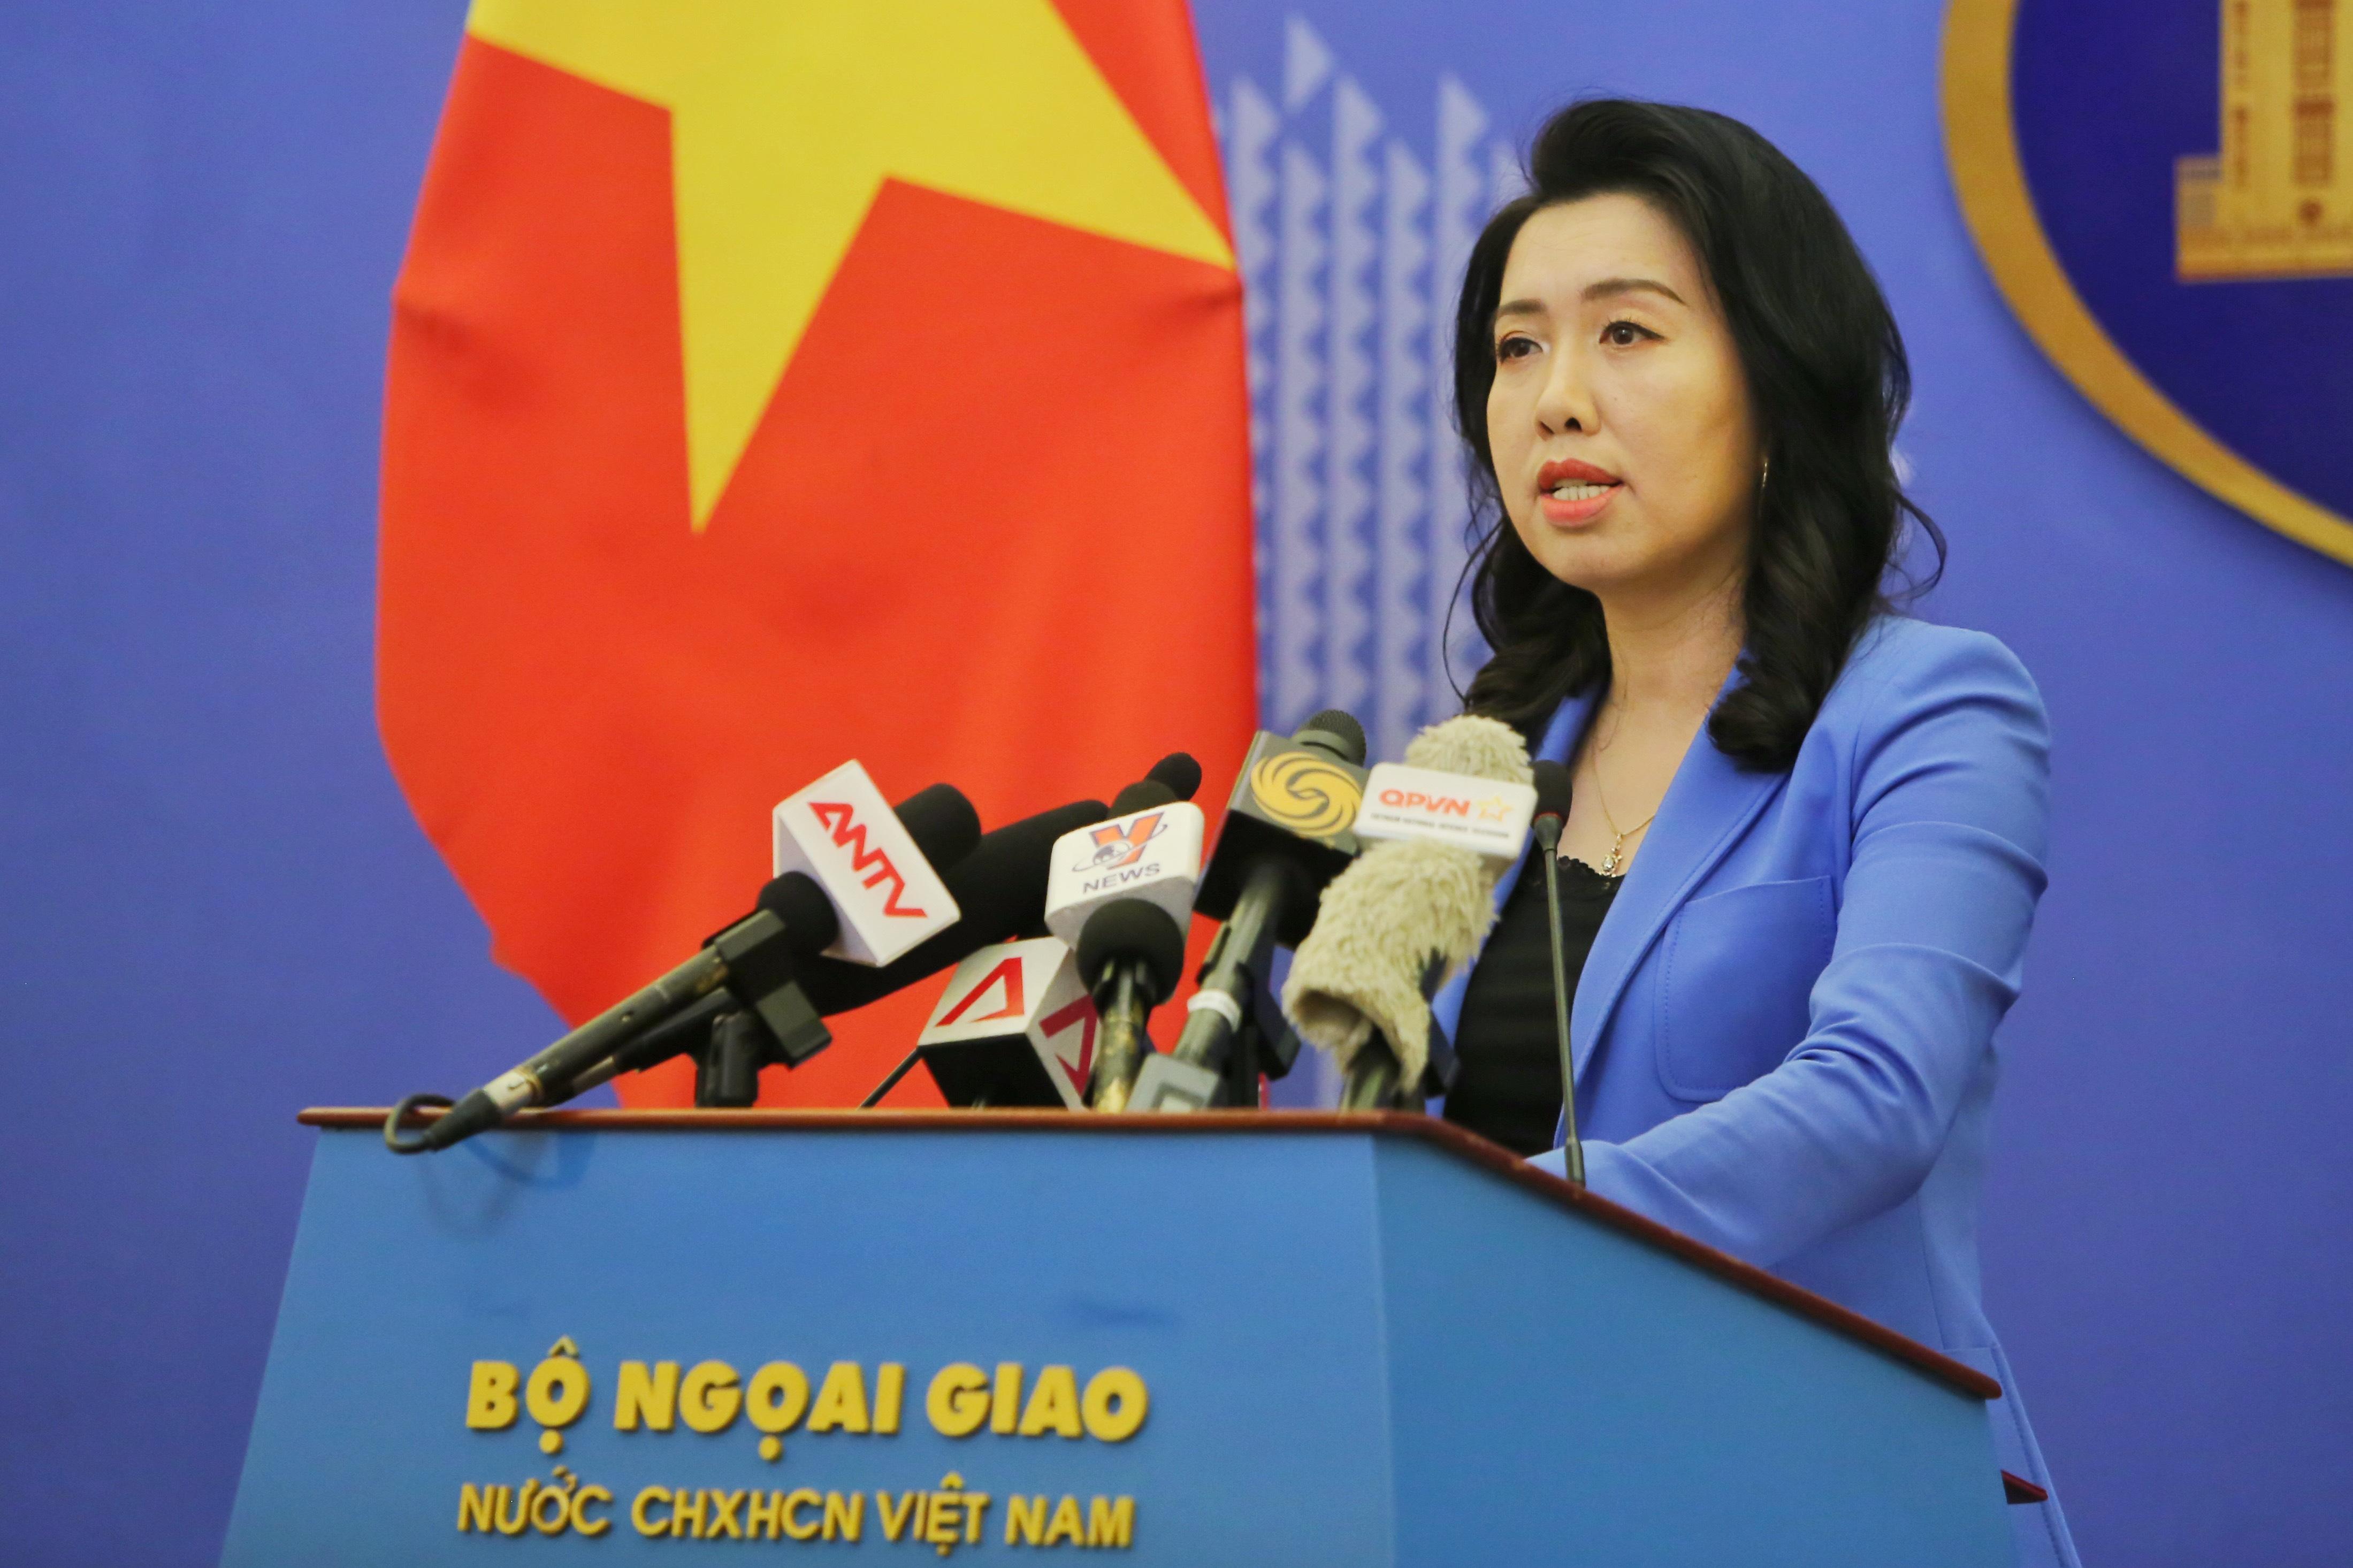 Hoan nghênh Nhật Bản nới lỏng hạn chế đi lại đối với công dân Việt Nam